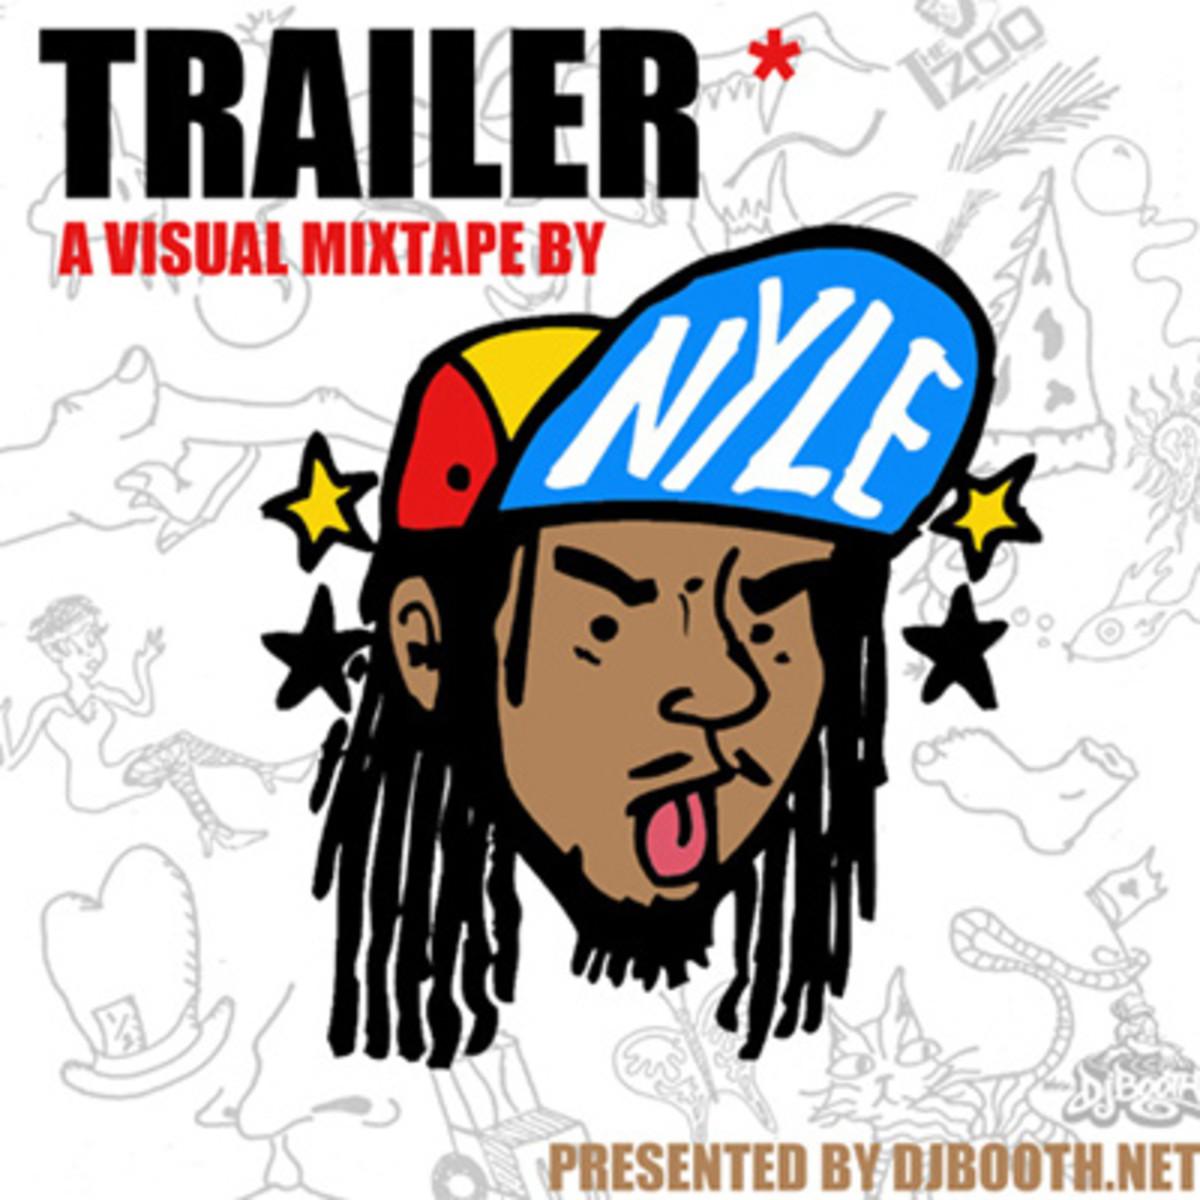 nyle-trailer.jpg